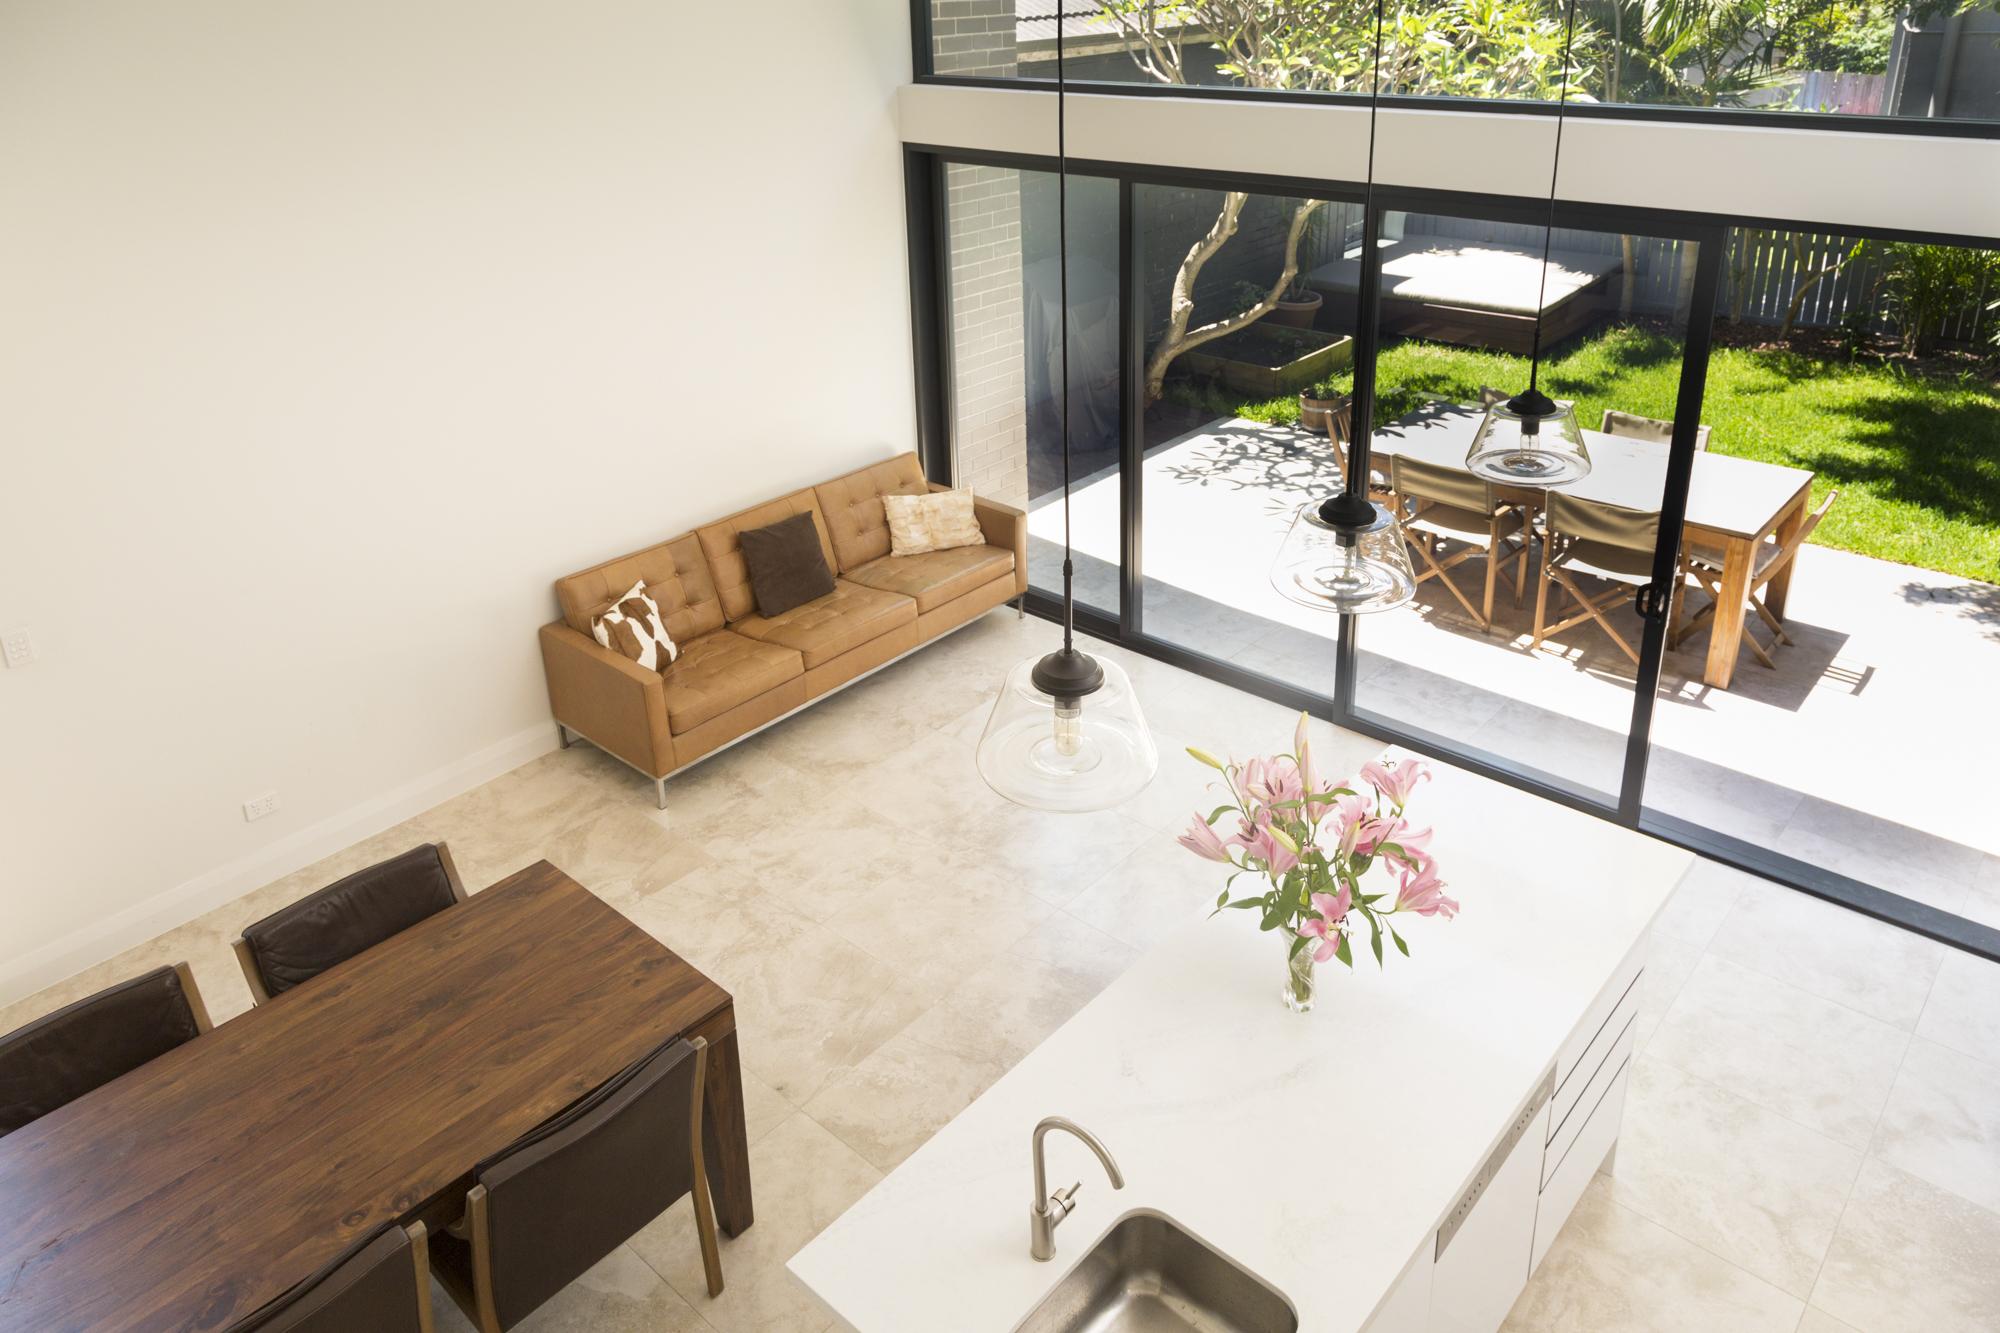 Bondi 3 bed indoor outdoor